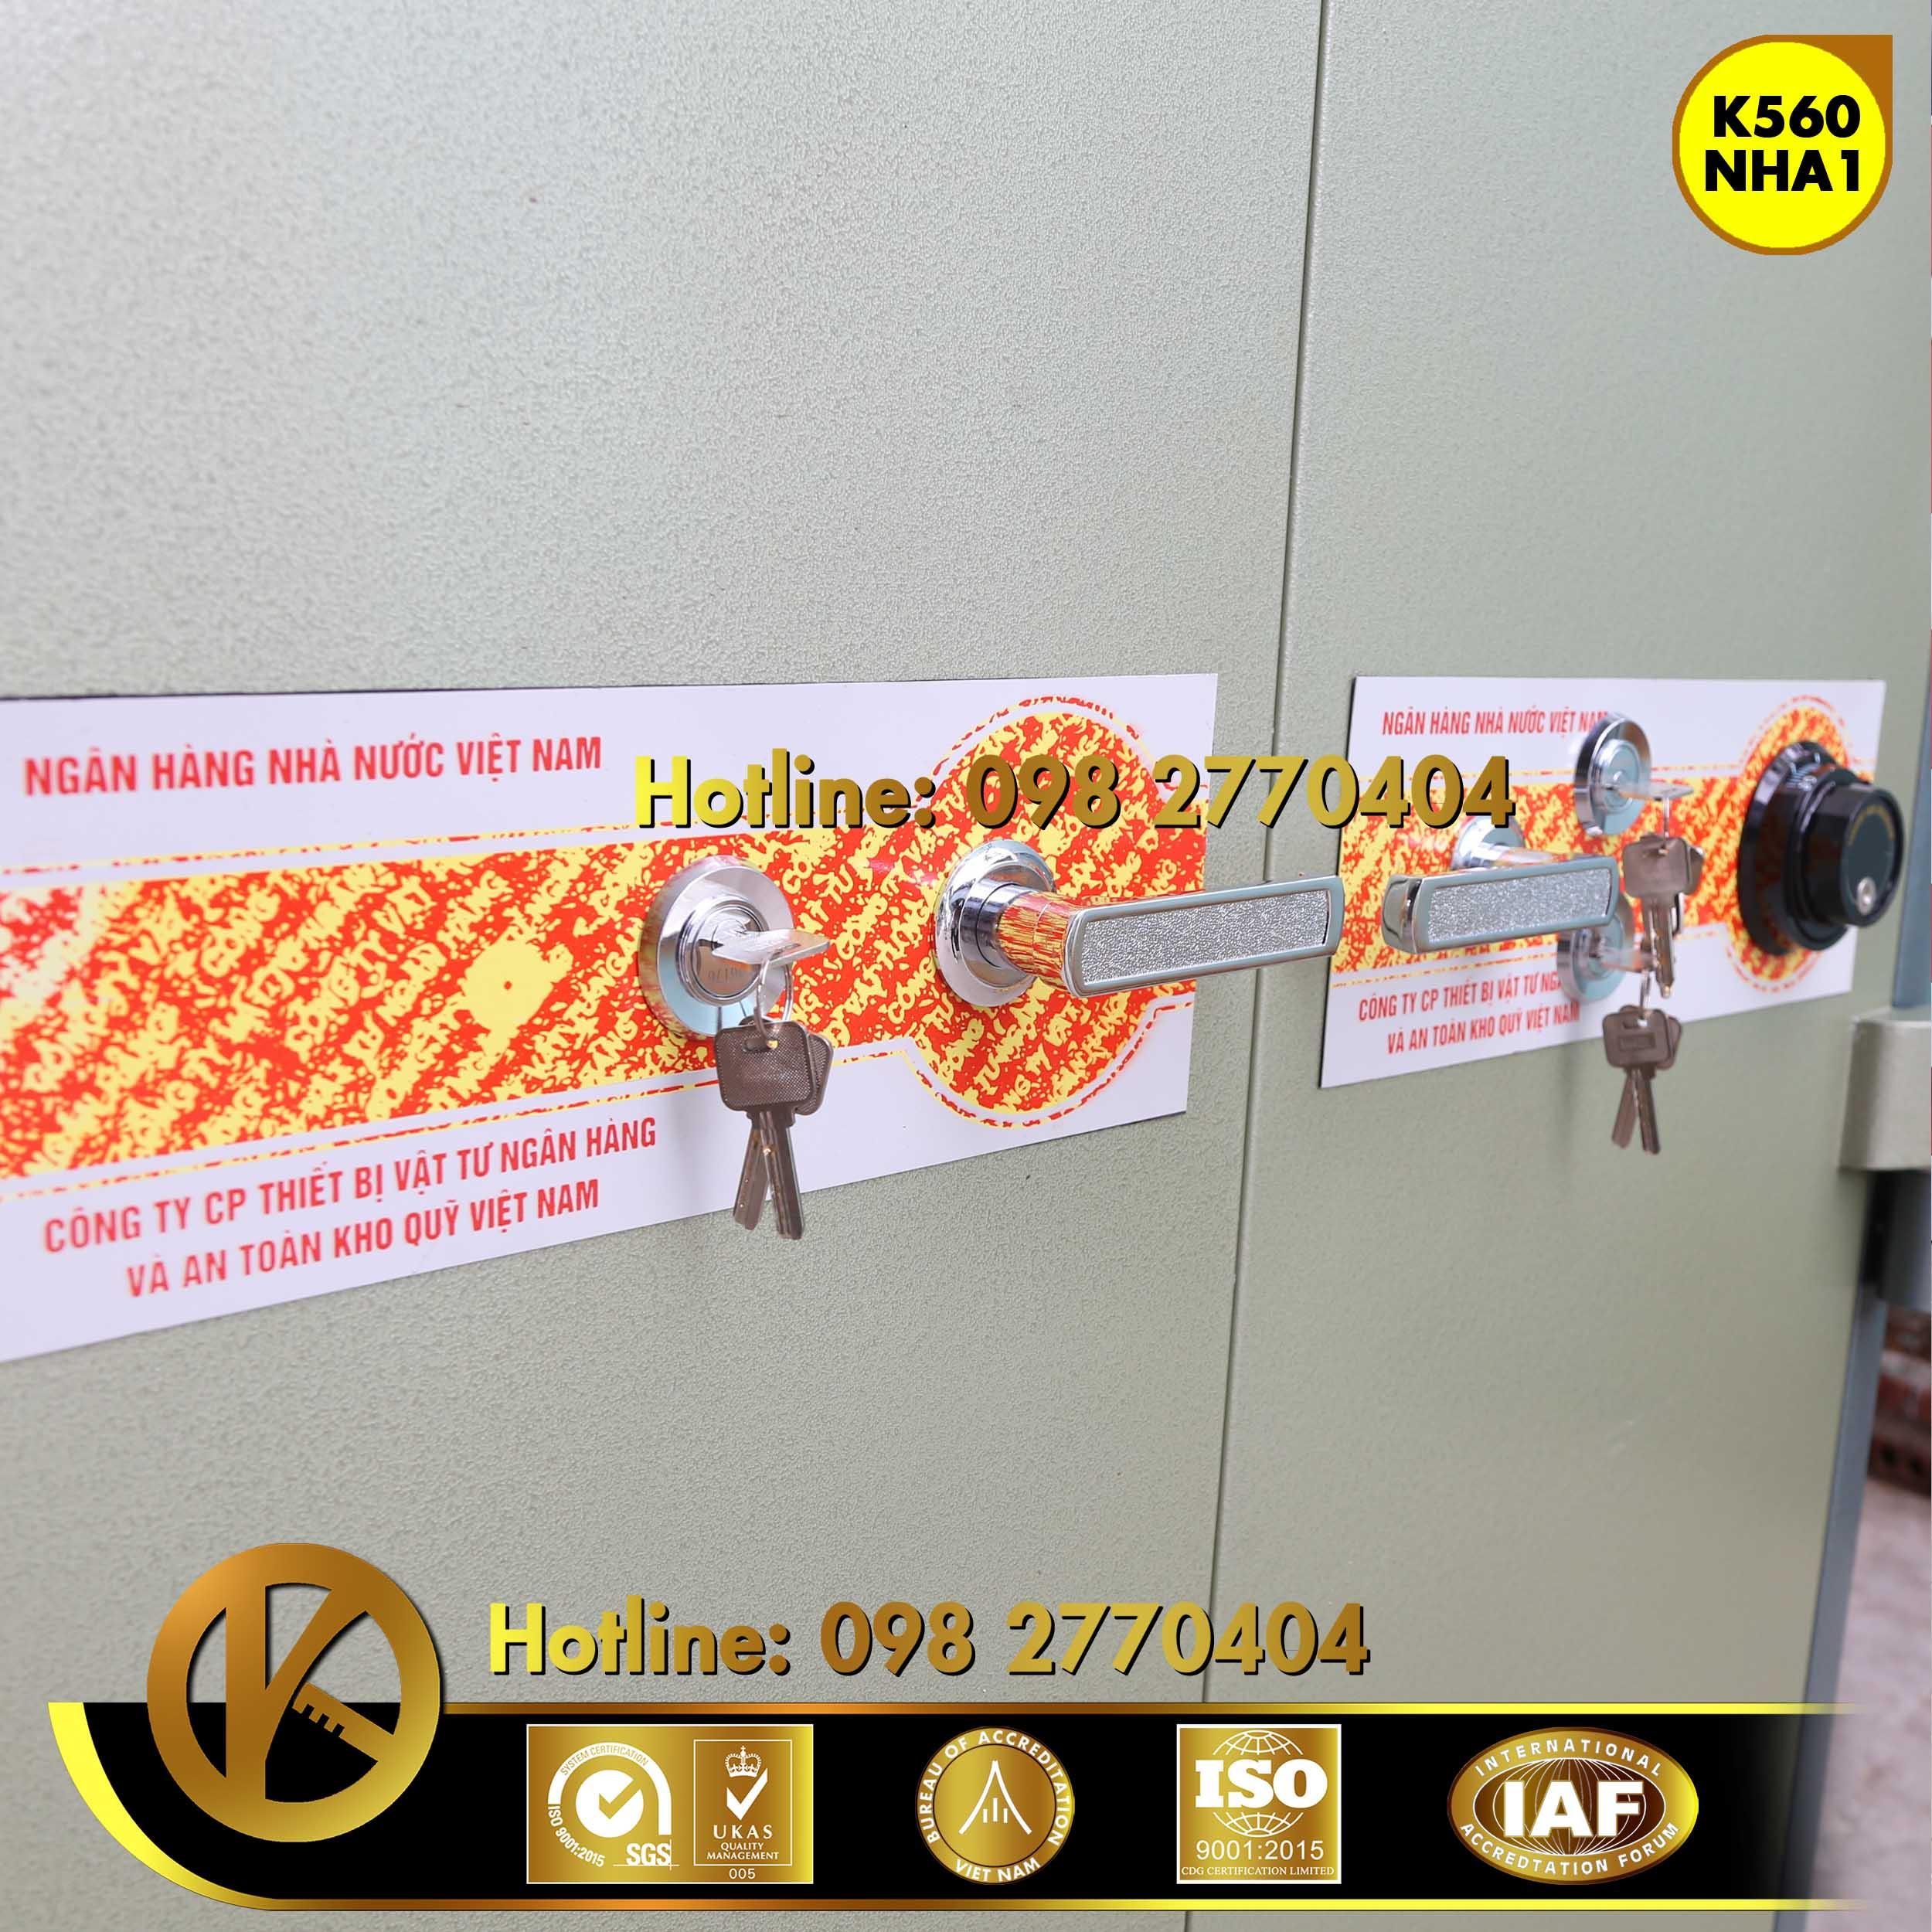 đặc điểm sản phẩm Két Sắt Ngân Hàng Bemc K560 NHA1